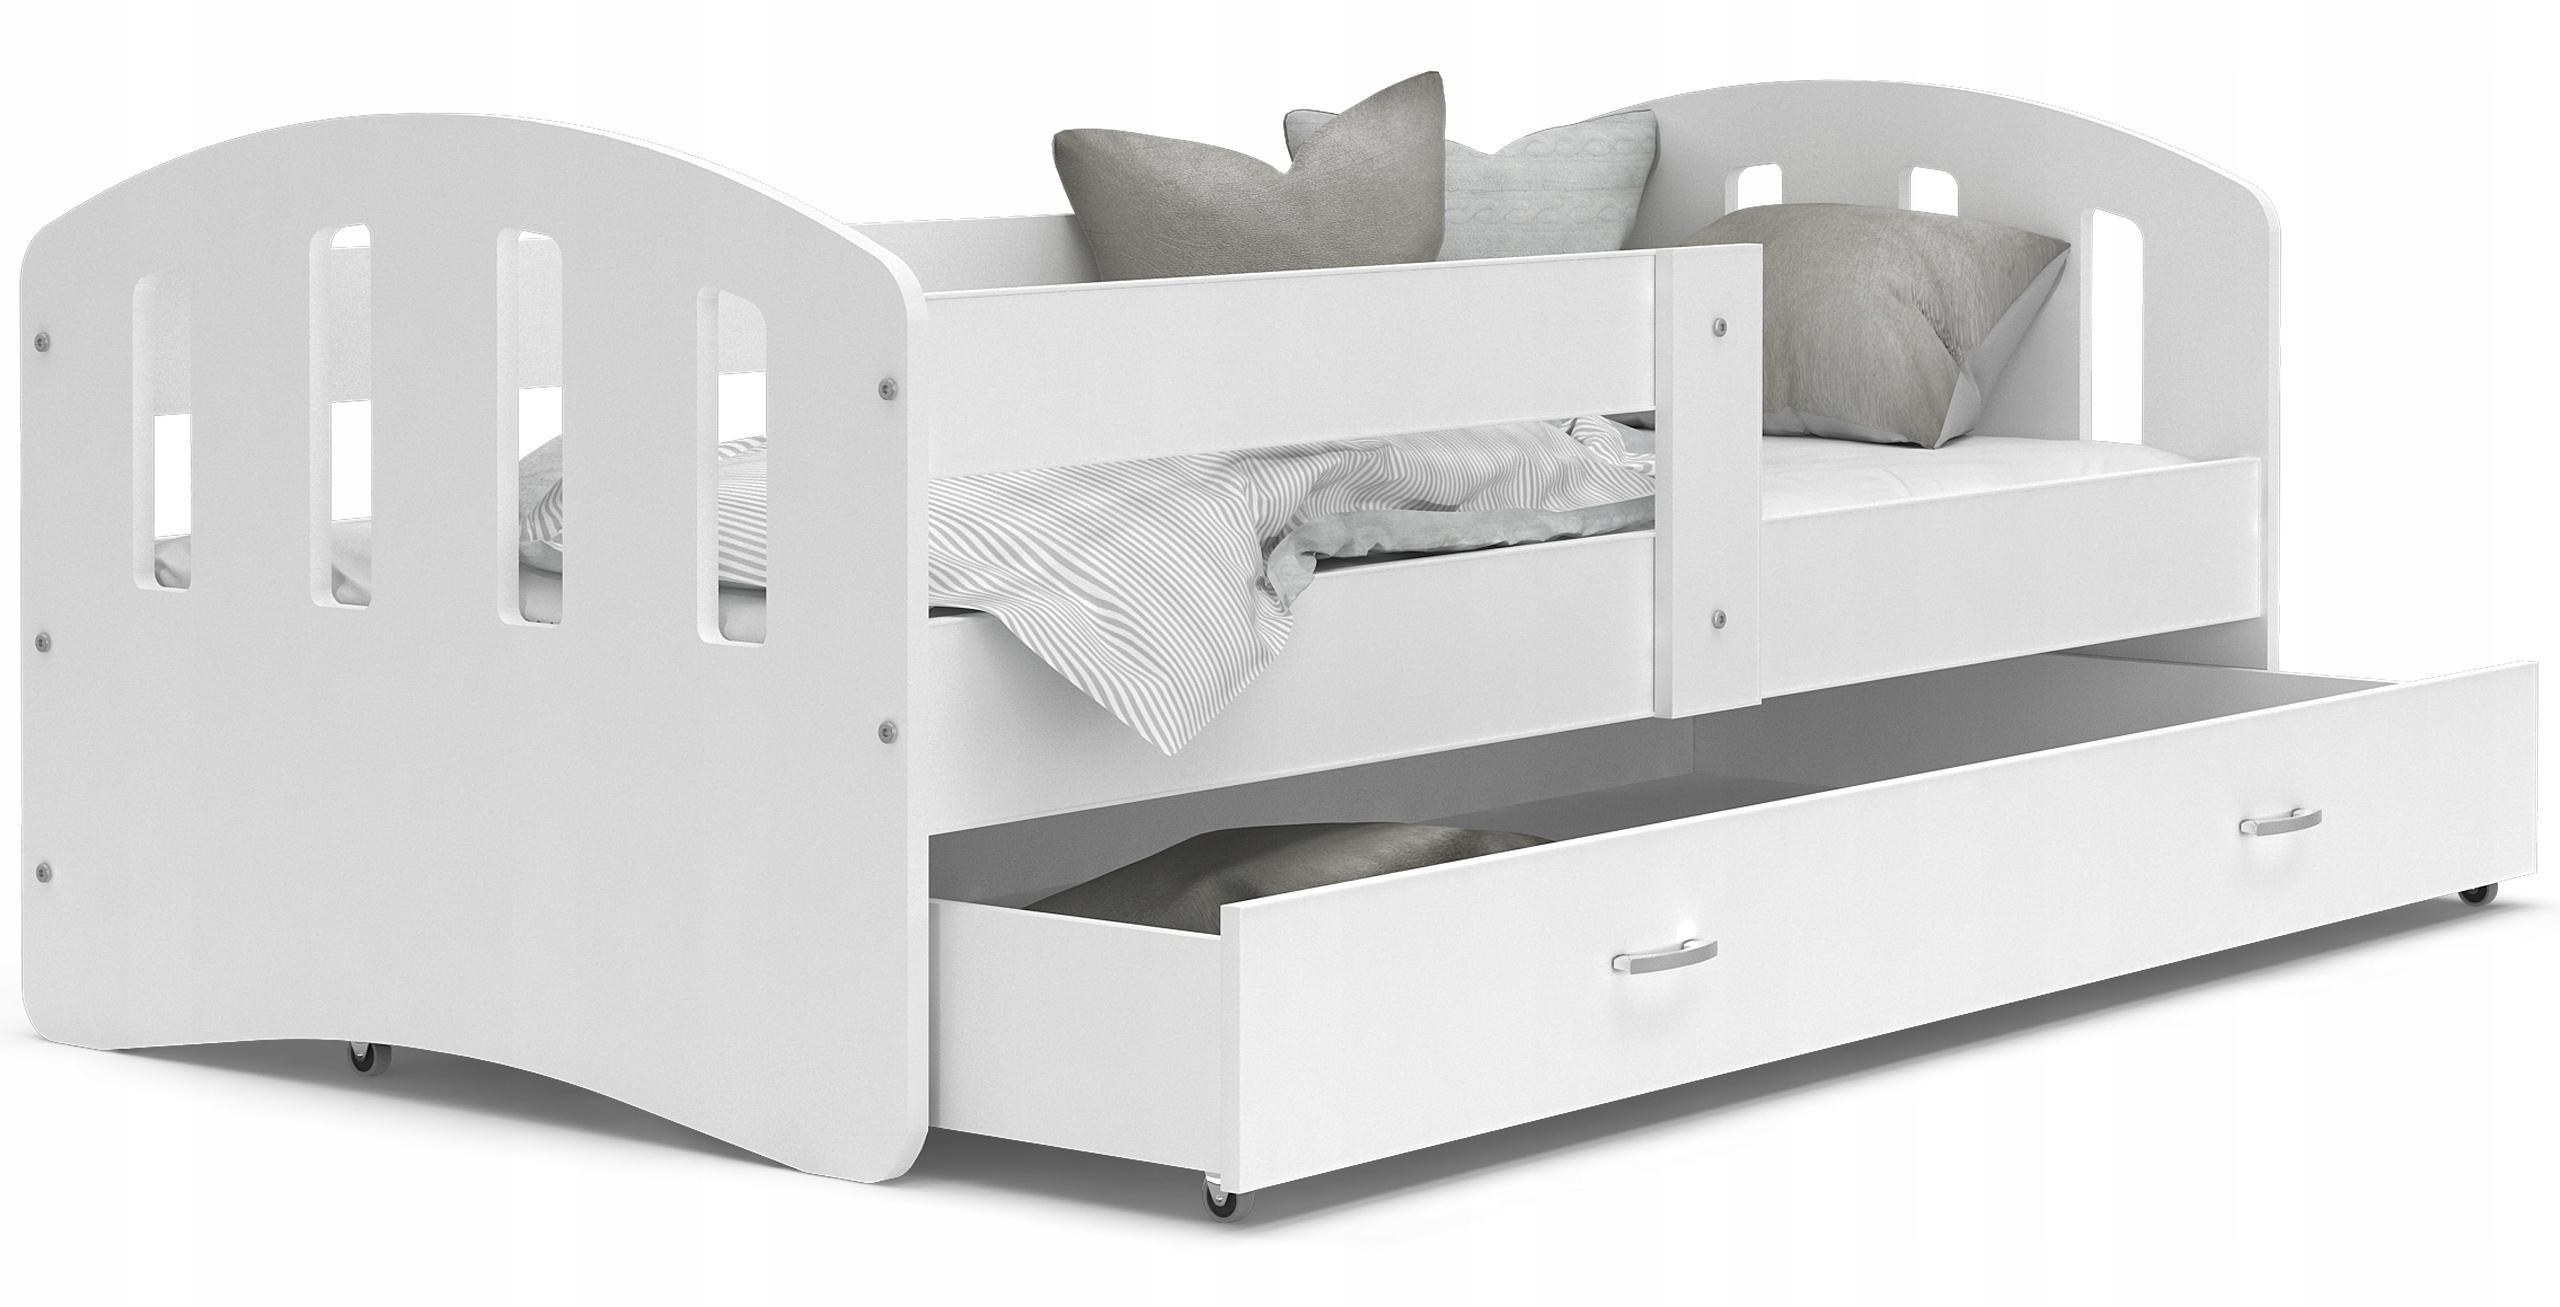 GL Detská posteľ Hana Biela Variant veľkosť postele: 200x90